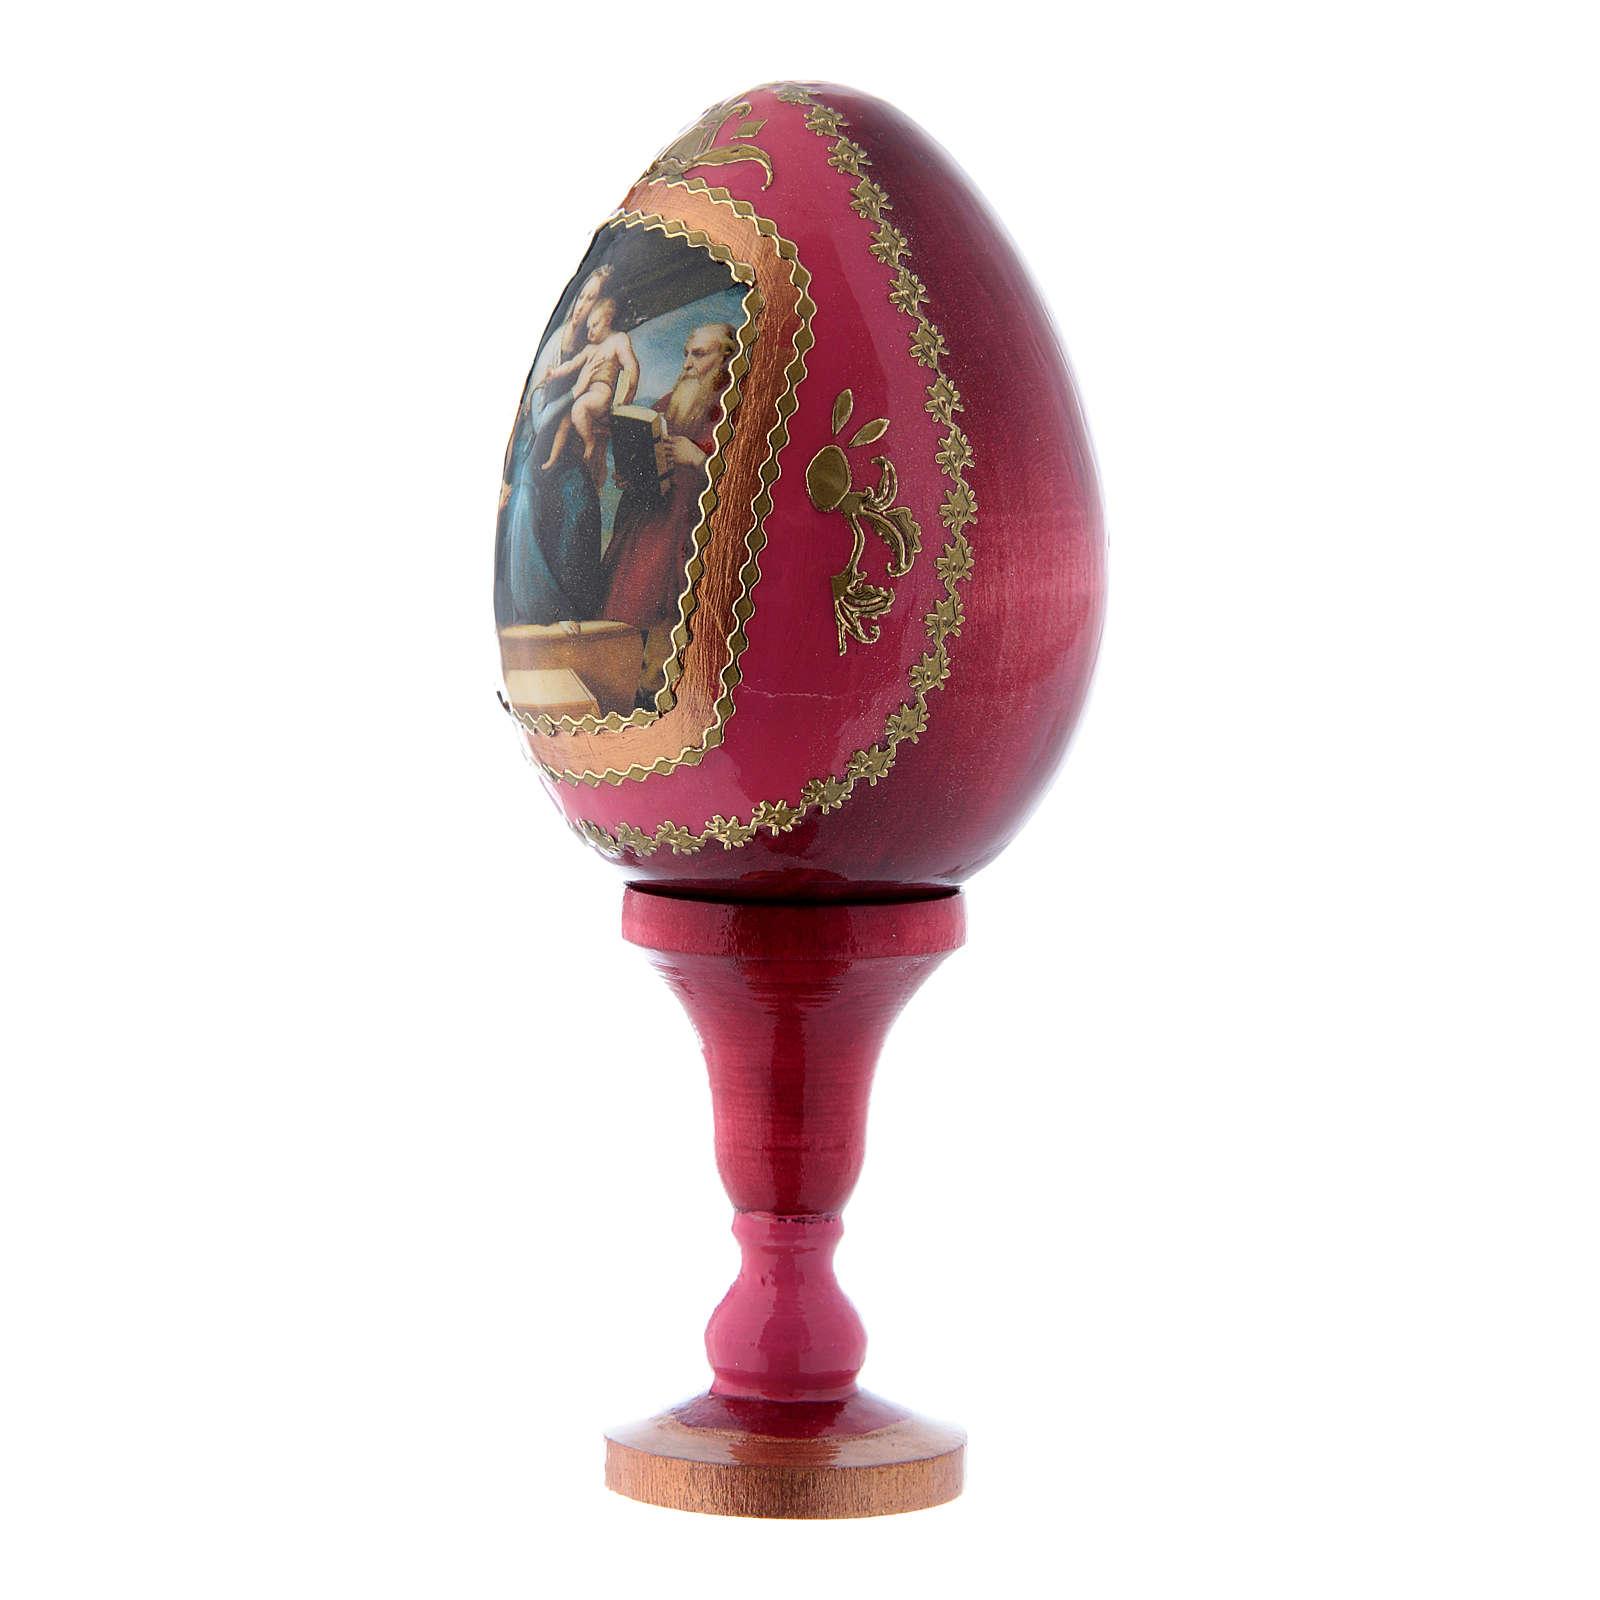 Uovo russo stile Fabergé decorato a mano rosso La Madonna del Pesce h tot 13 cm 4